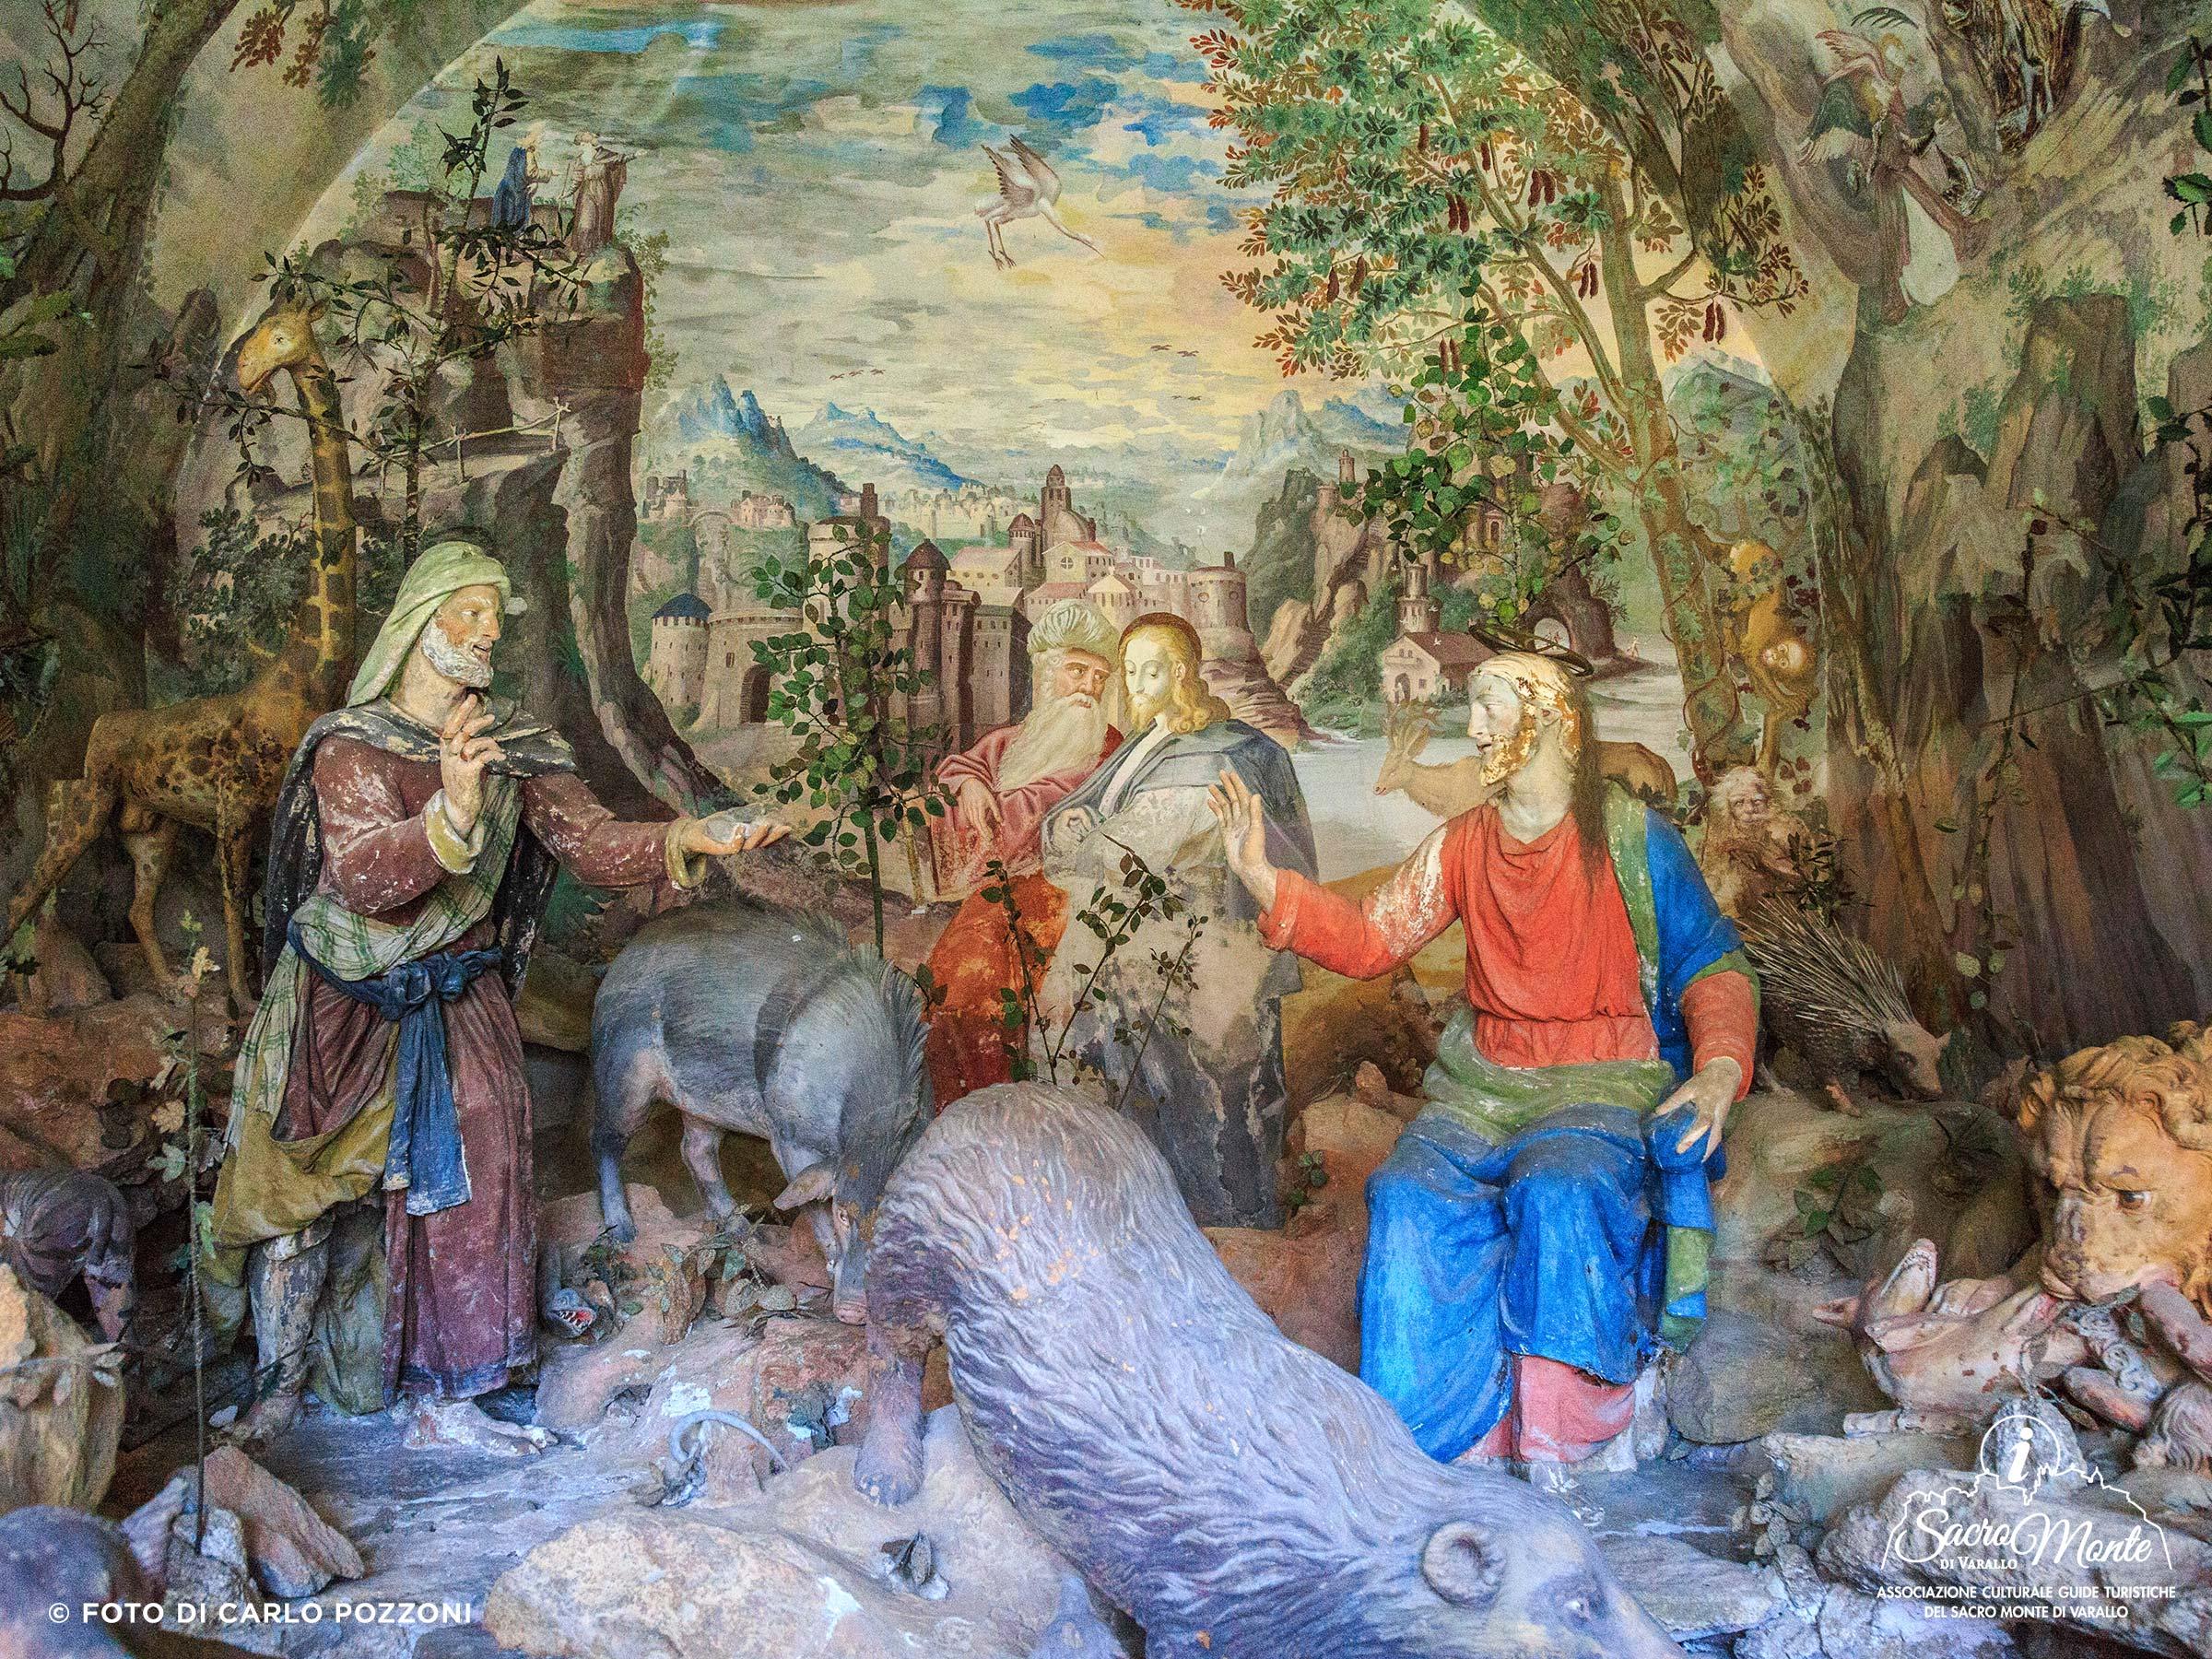 Sacro Monte di Varallo cappella tentazioni di cristo nel deserto